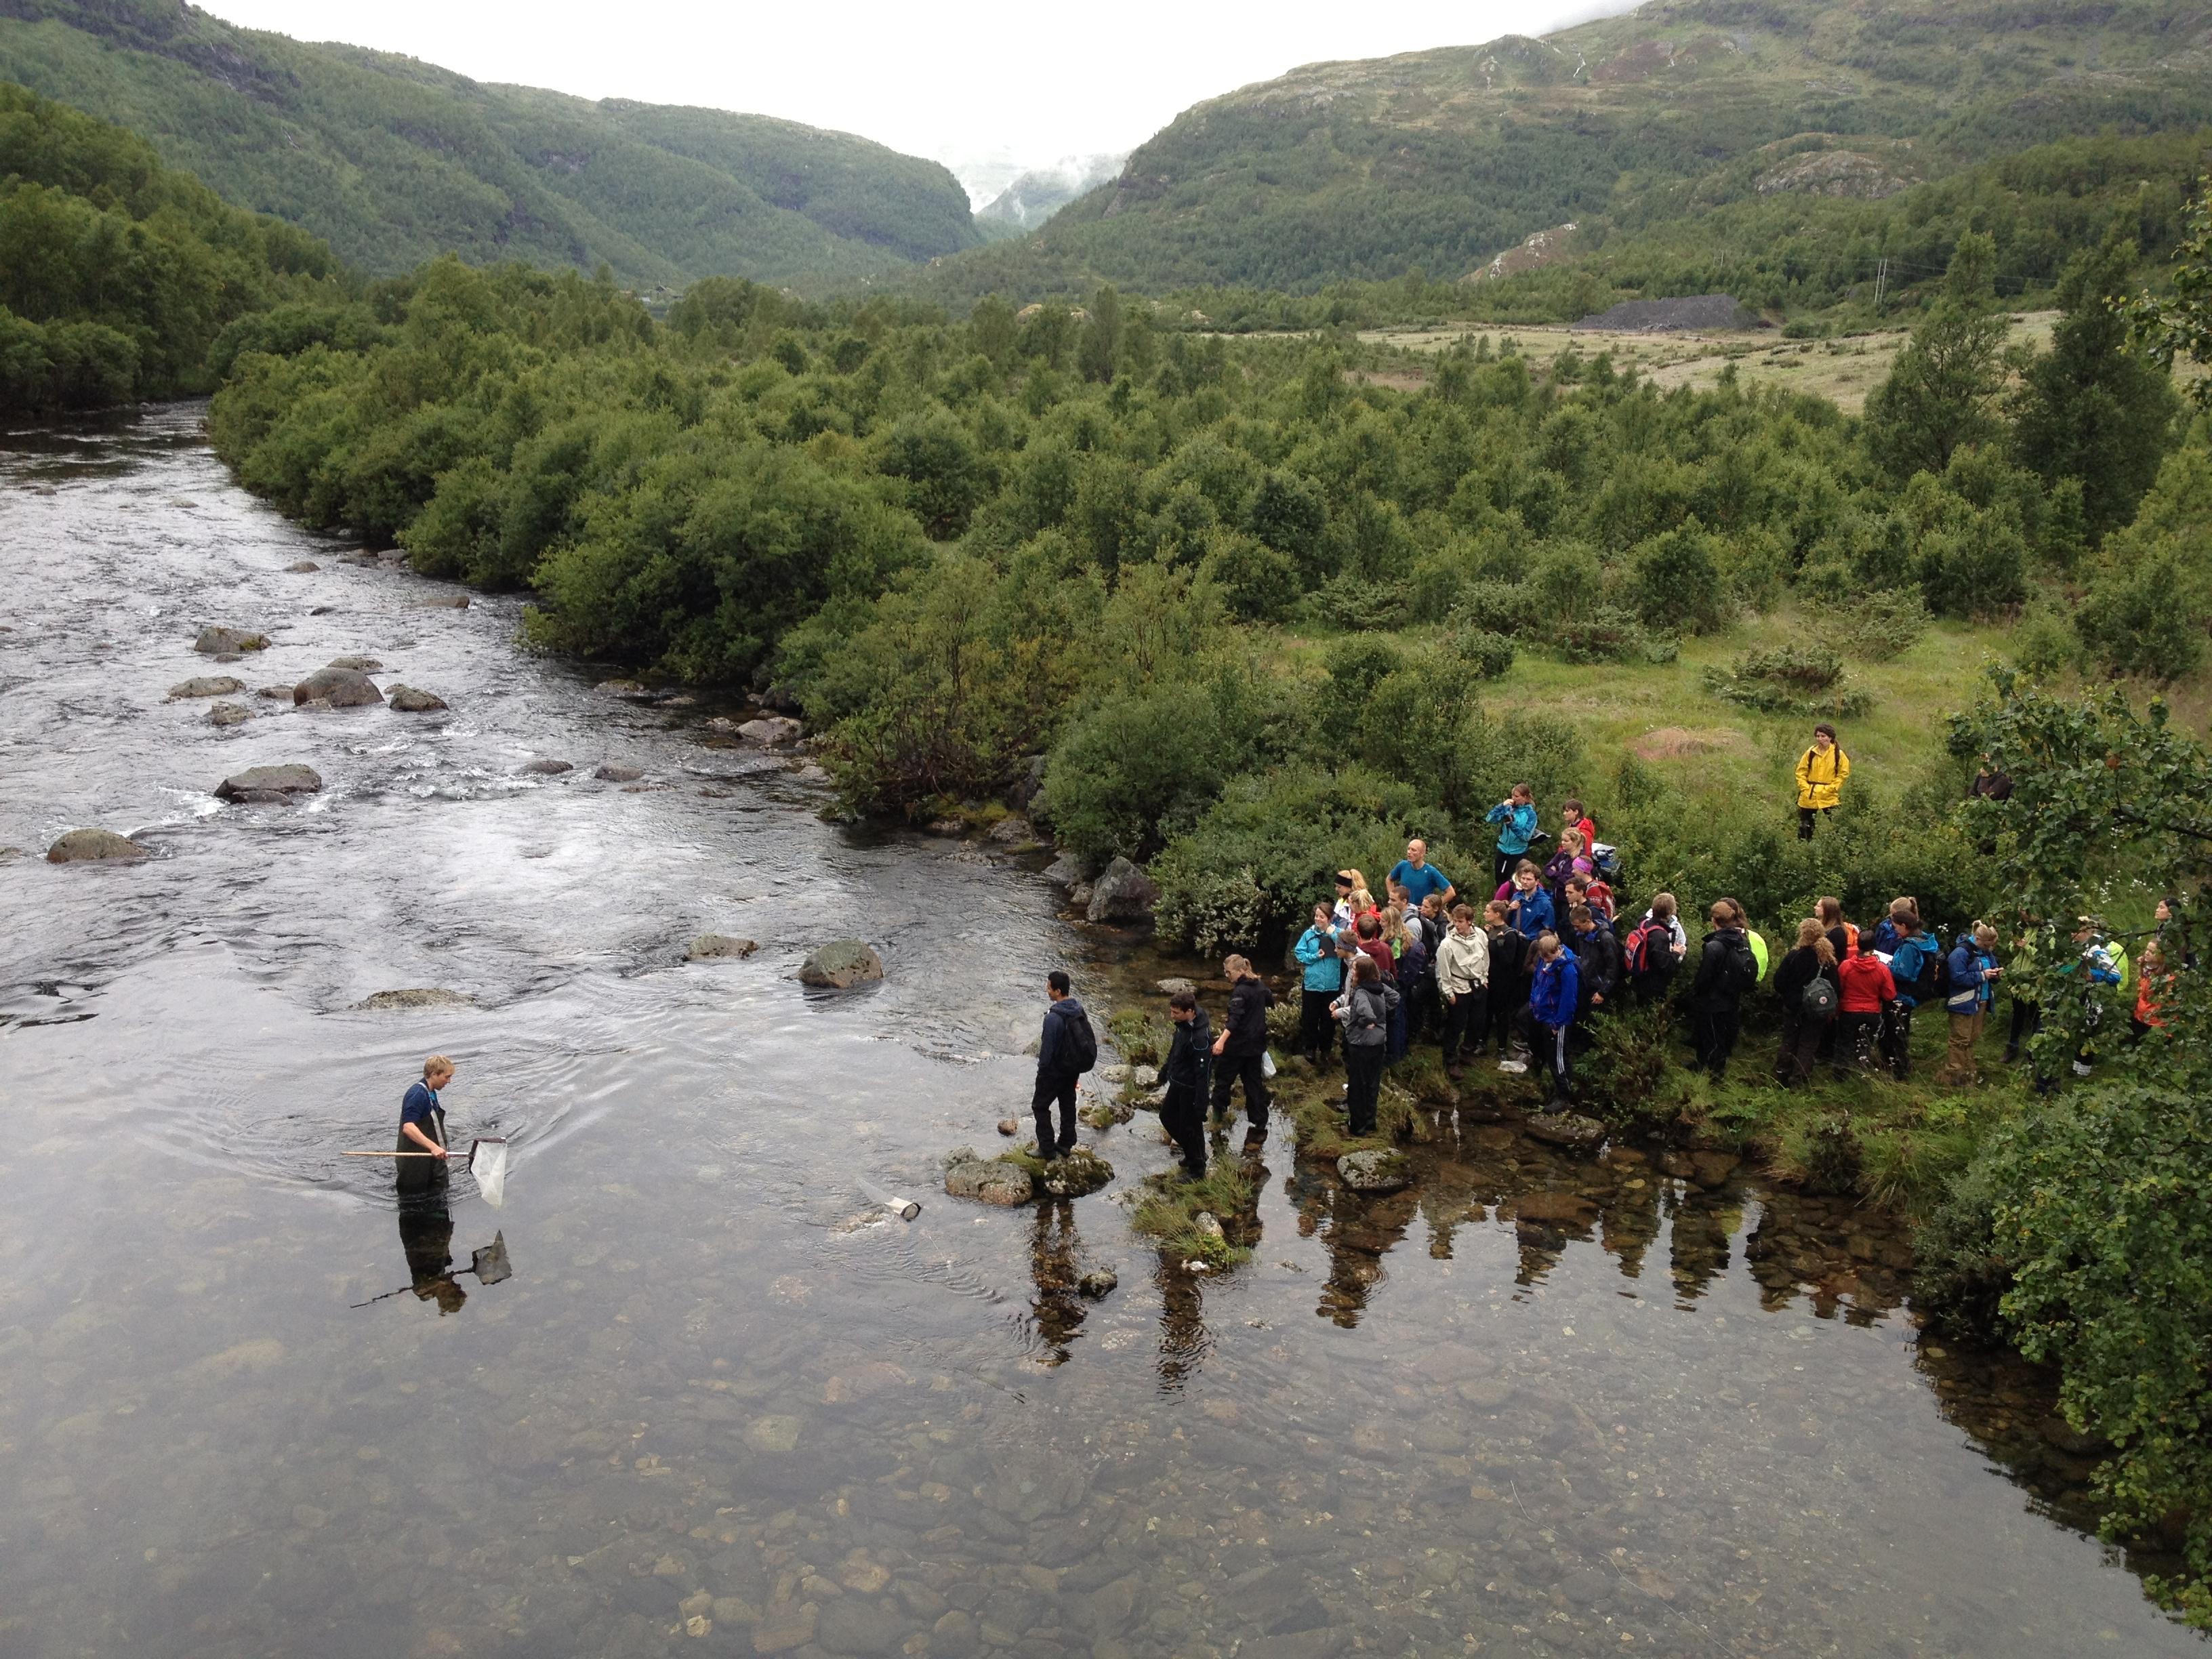 Kor mange studentar treng du til å vade i elv? Ein til å vade, og 41 til å sjå på og blogge om det.